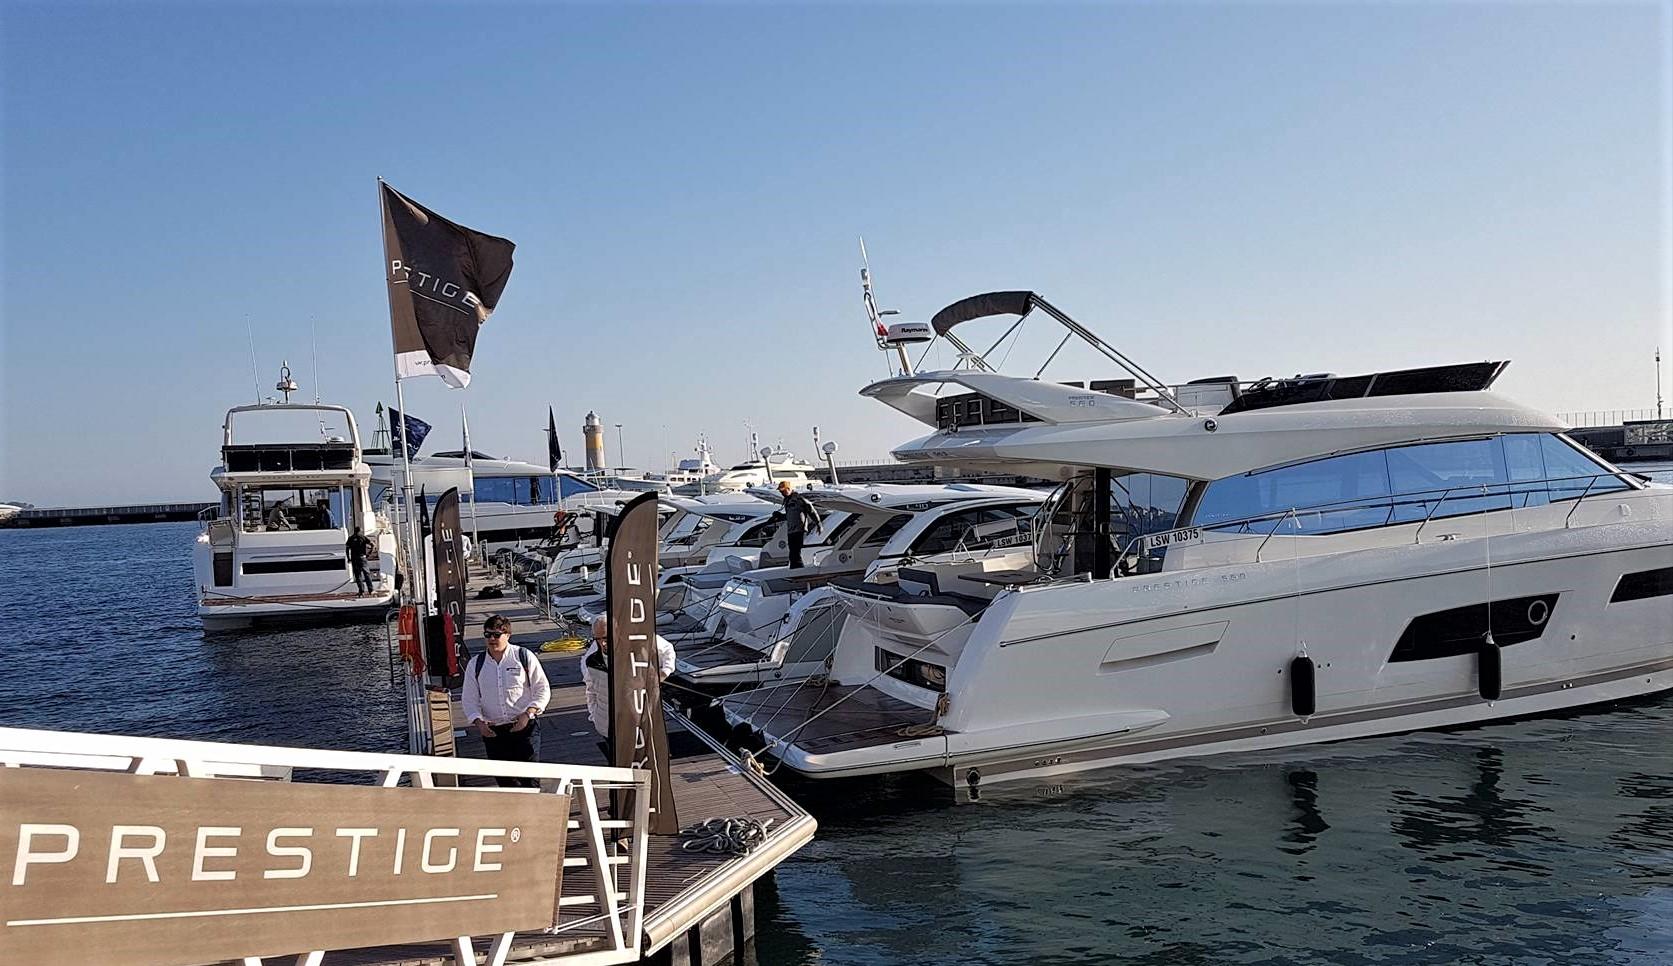 I går blæste det en del i Cannes, men nu er vinden mere rolig i filmbyen. Vi ankom i dag og testet fire Jeannau-både. Flere følger i morgen. Foto: Troels Lykke